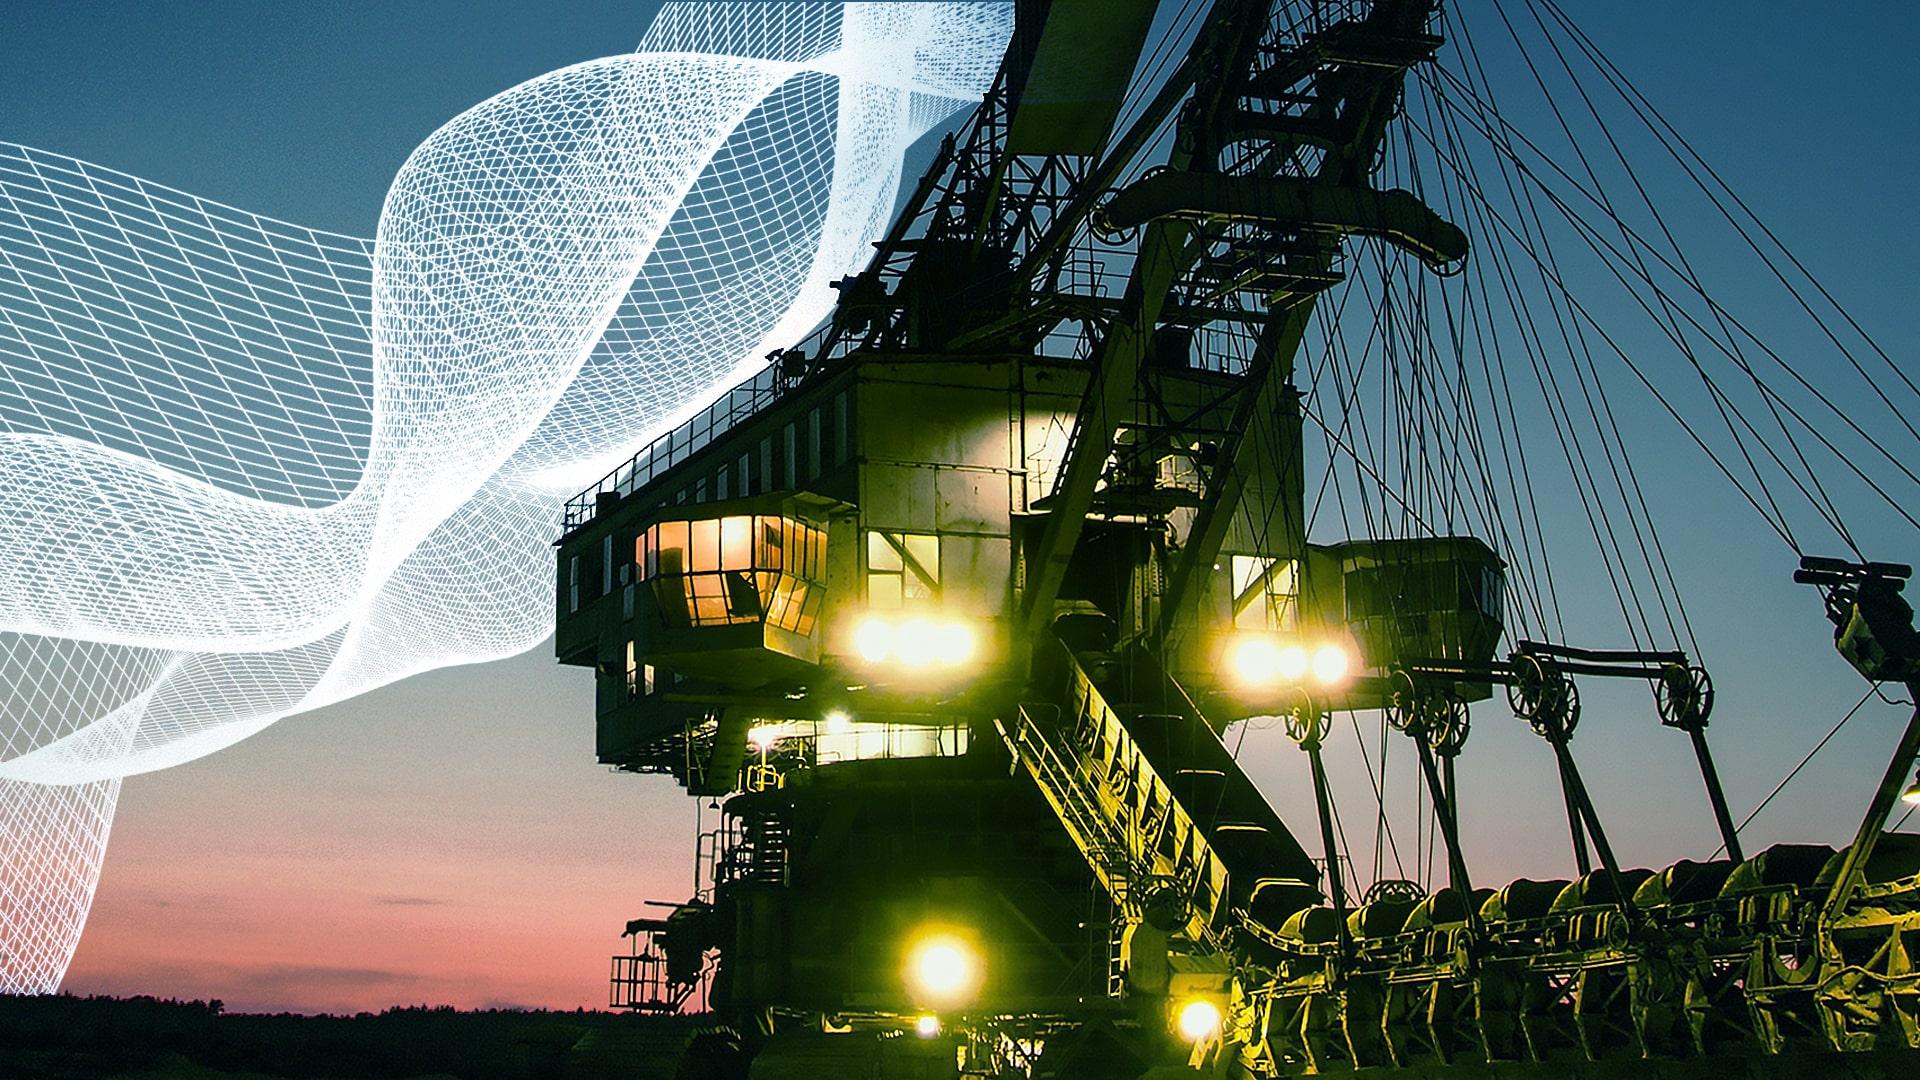 На Mining World Russia 2020 эксперты «КАДФЕМ Си-Ай-Эс» продемонстрируют цифровой двойник и технологии численного моделирования для горнодобывающей отрасли